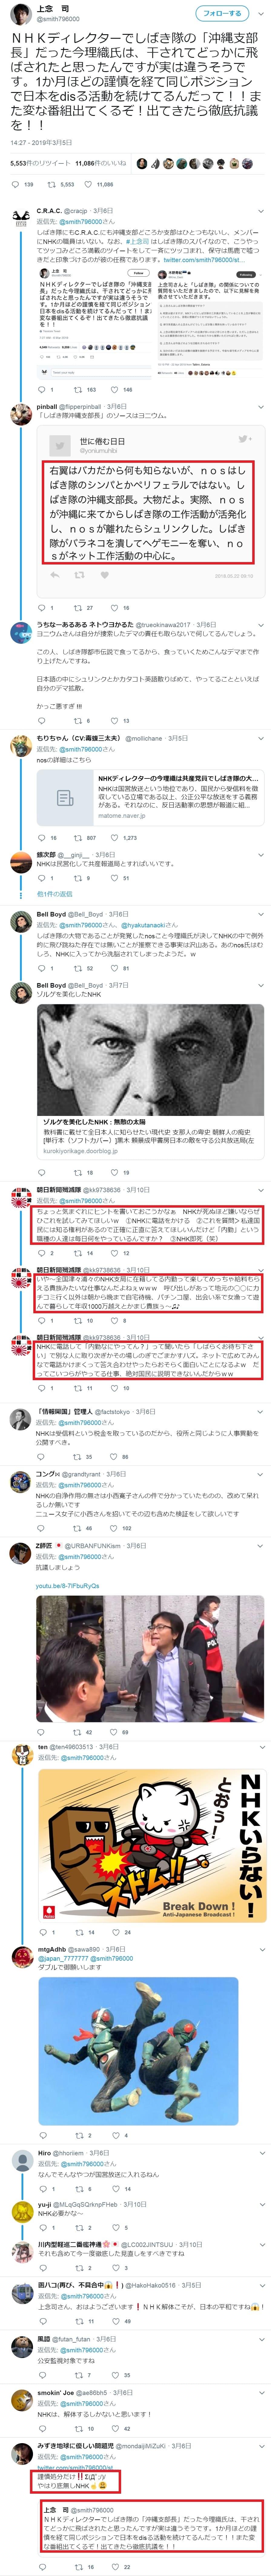 NHKディレクターがリンチシバキ隊8_1 (1)